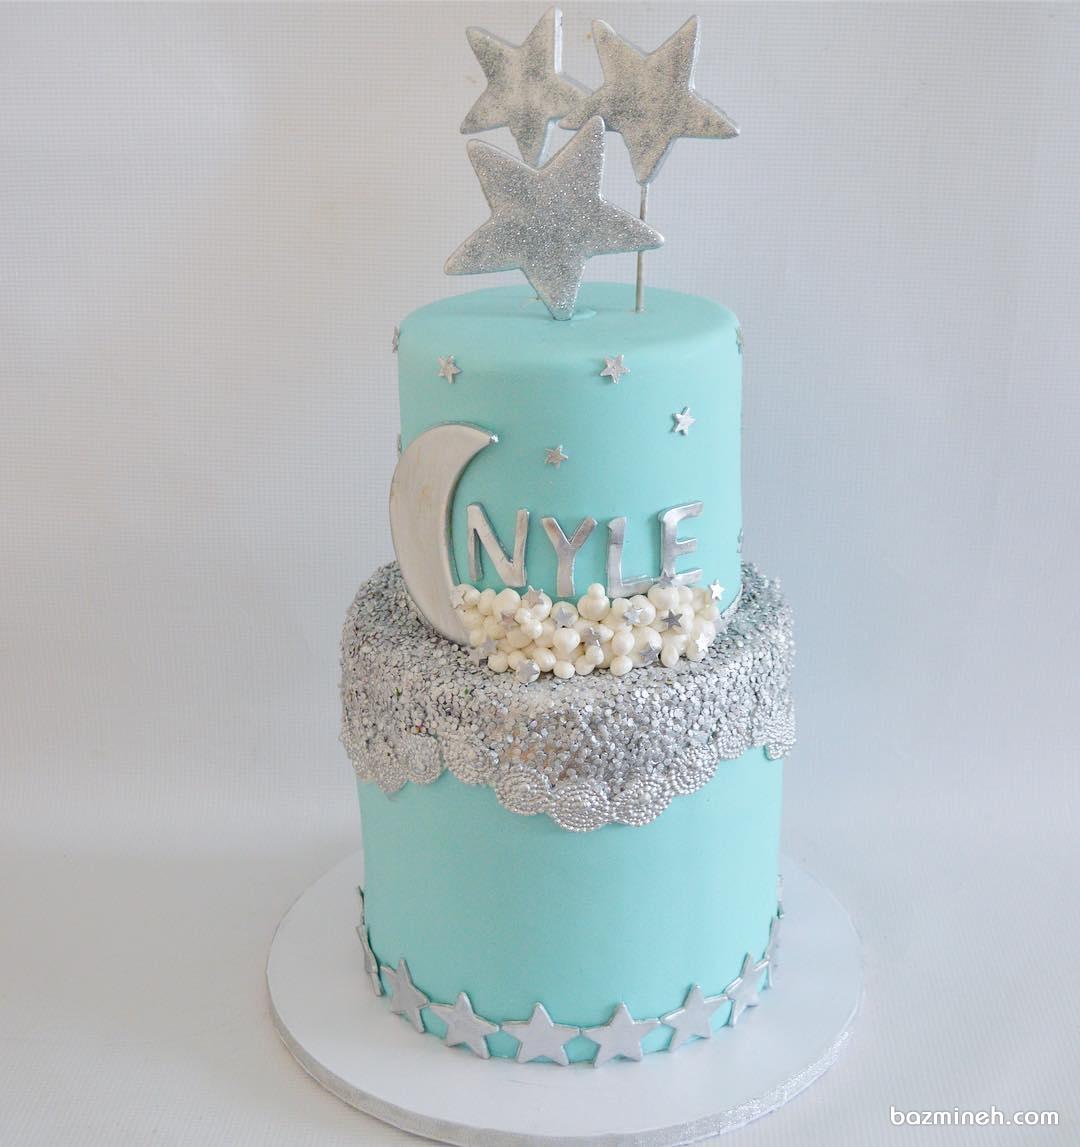 کیک آبی نقره ای جشن بیبی شاور با تم ماه و ستاره